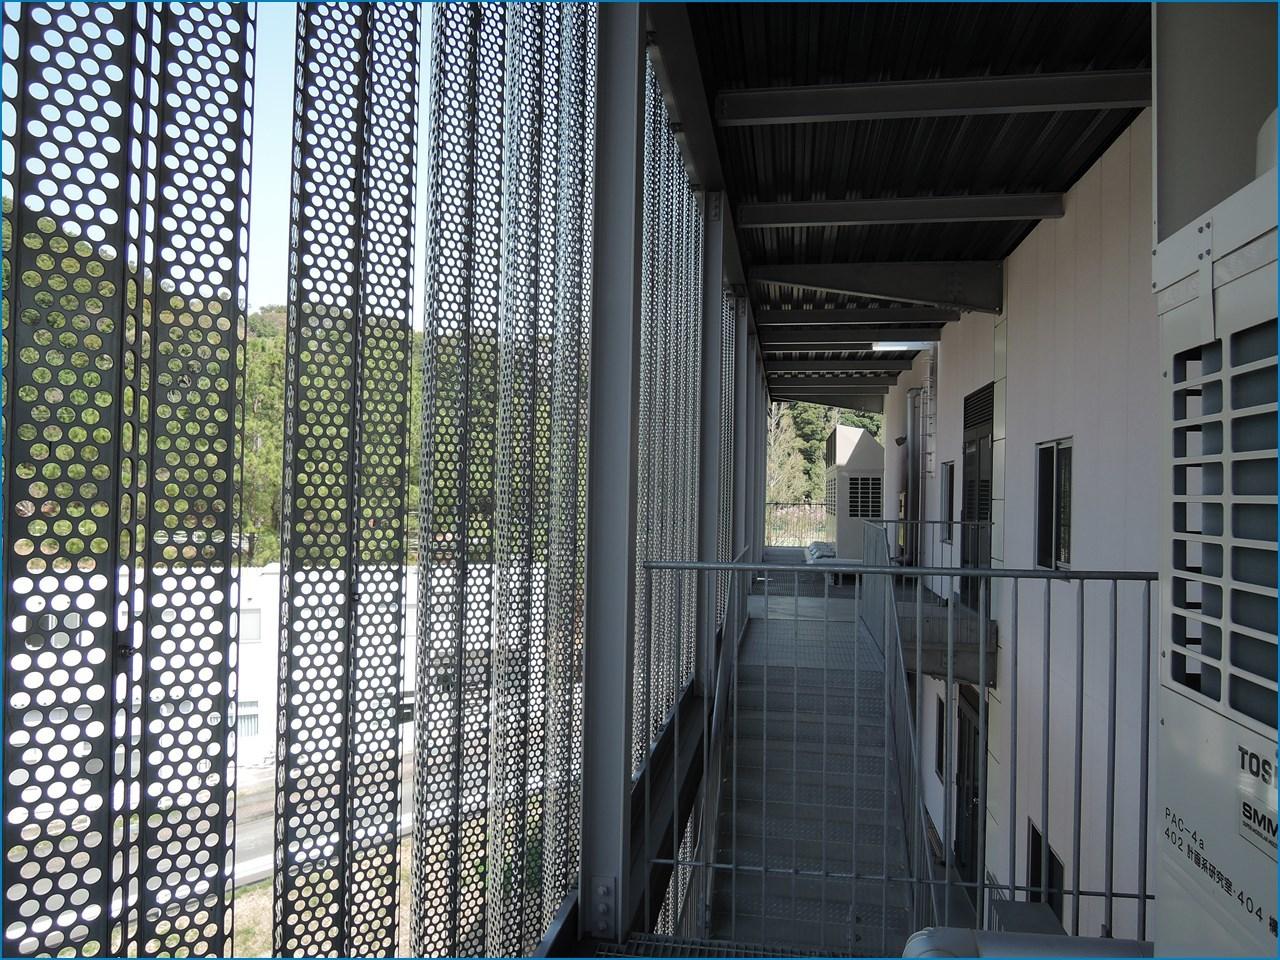 静岡理工科大学 理工学部 建築学科棟の見学 1_c0376508_10543672.jpg